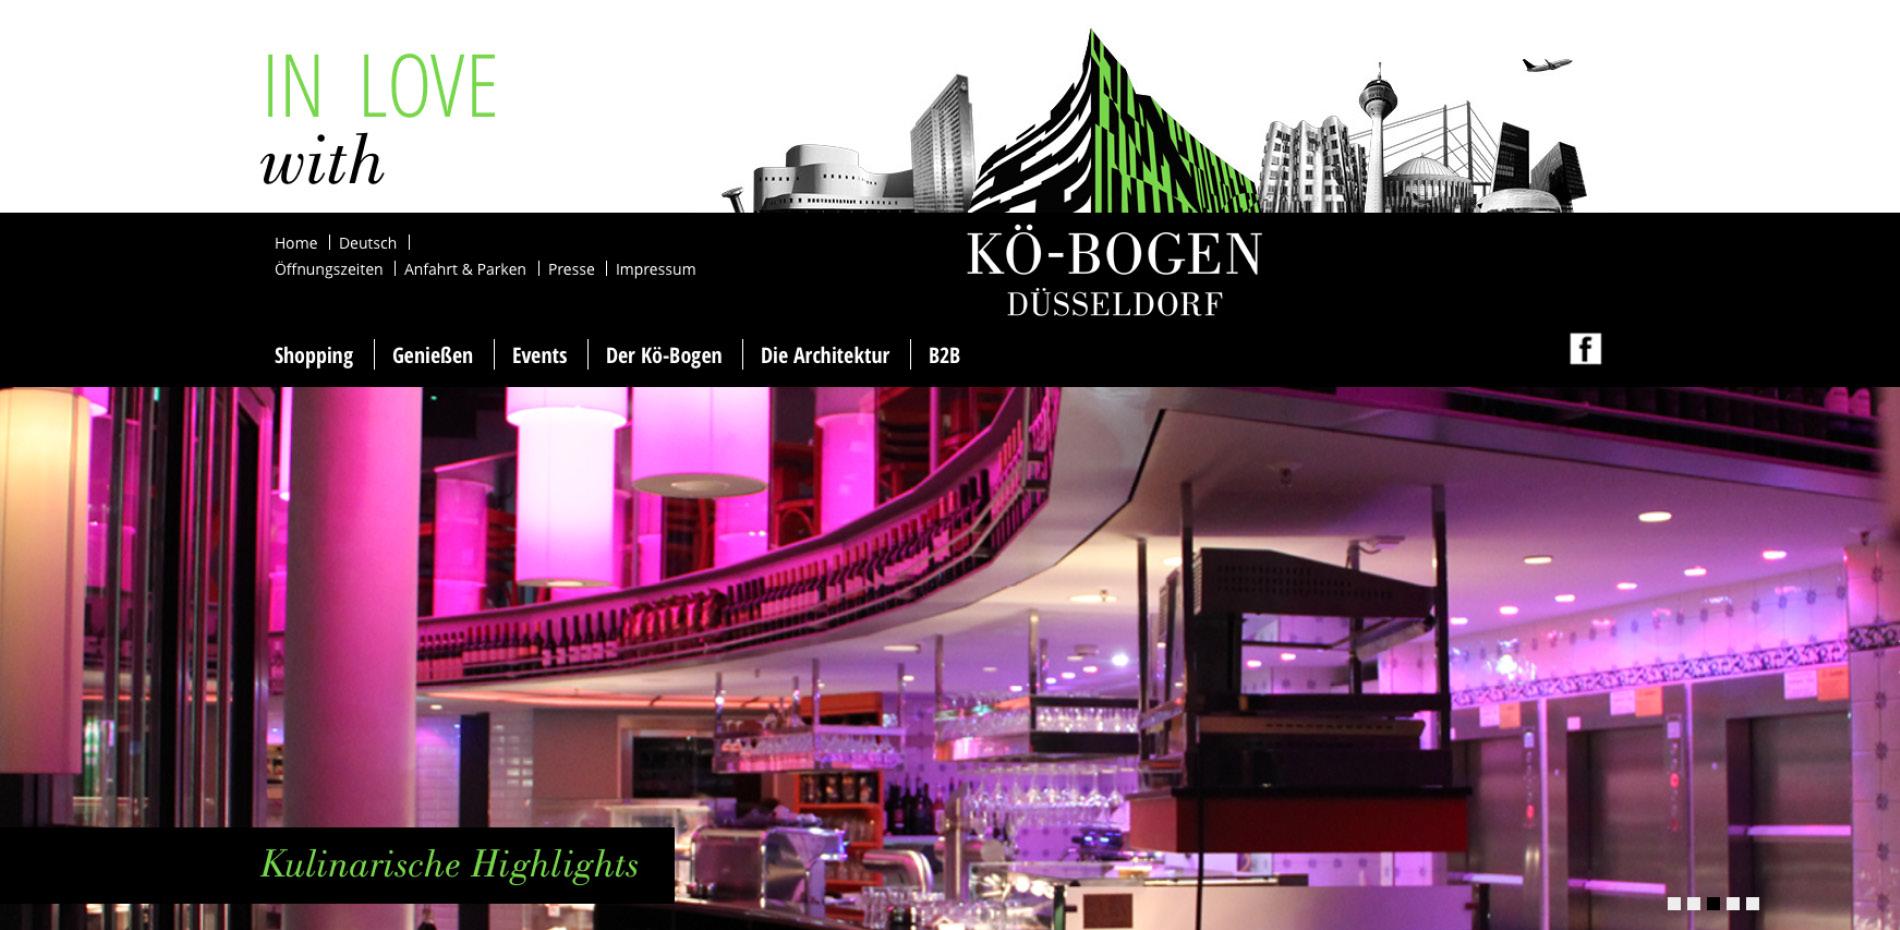 Website zur Vermarktung der Gewerbeimmobilie und Marke Koe-Bogen